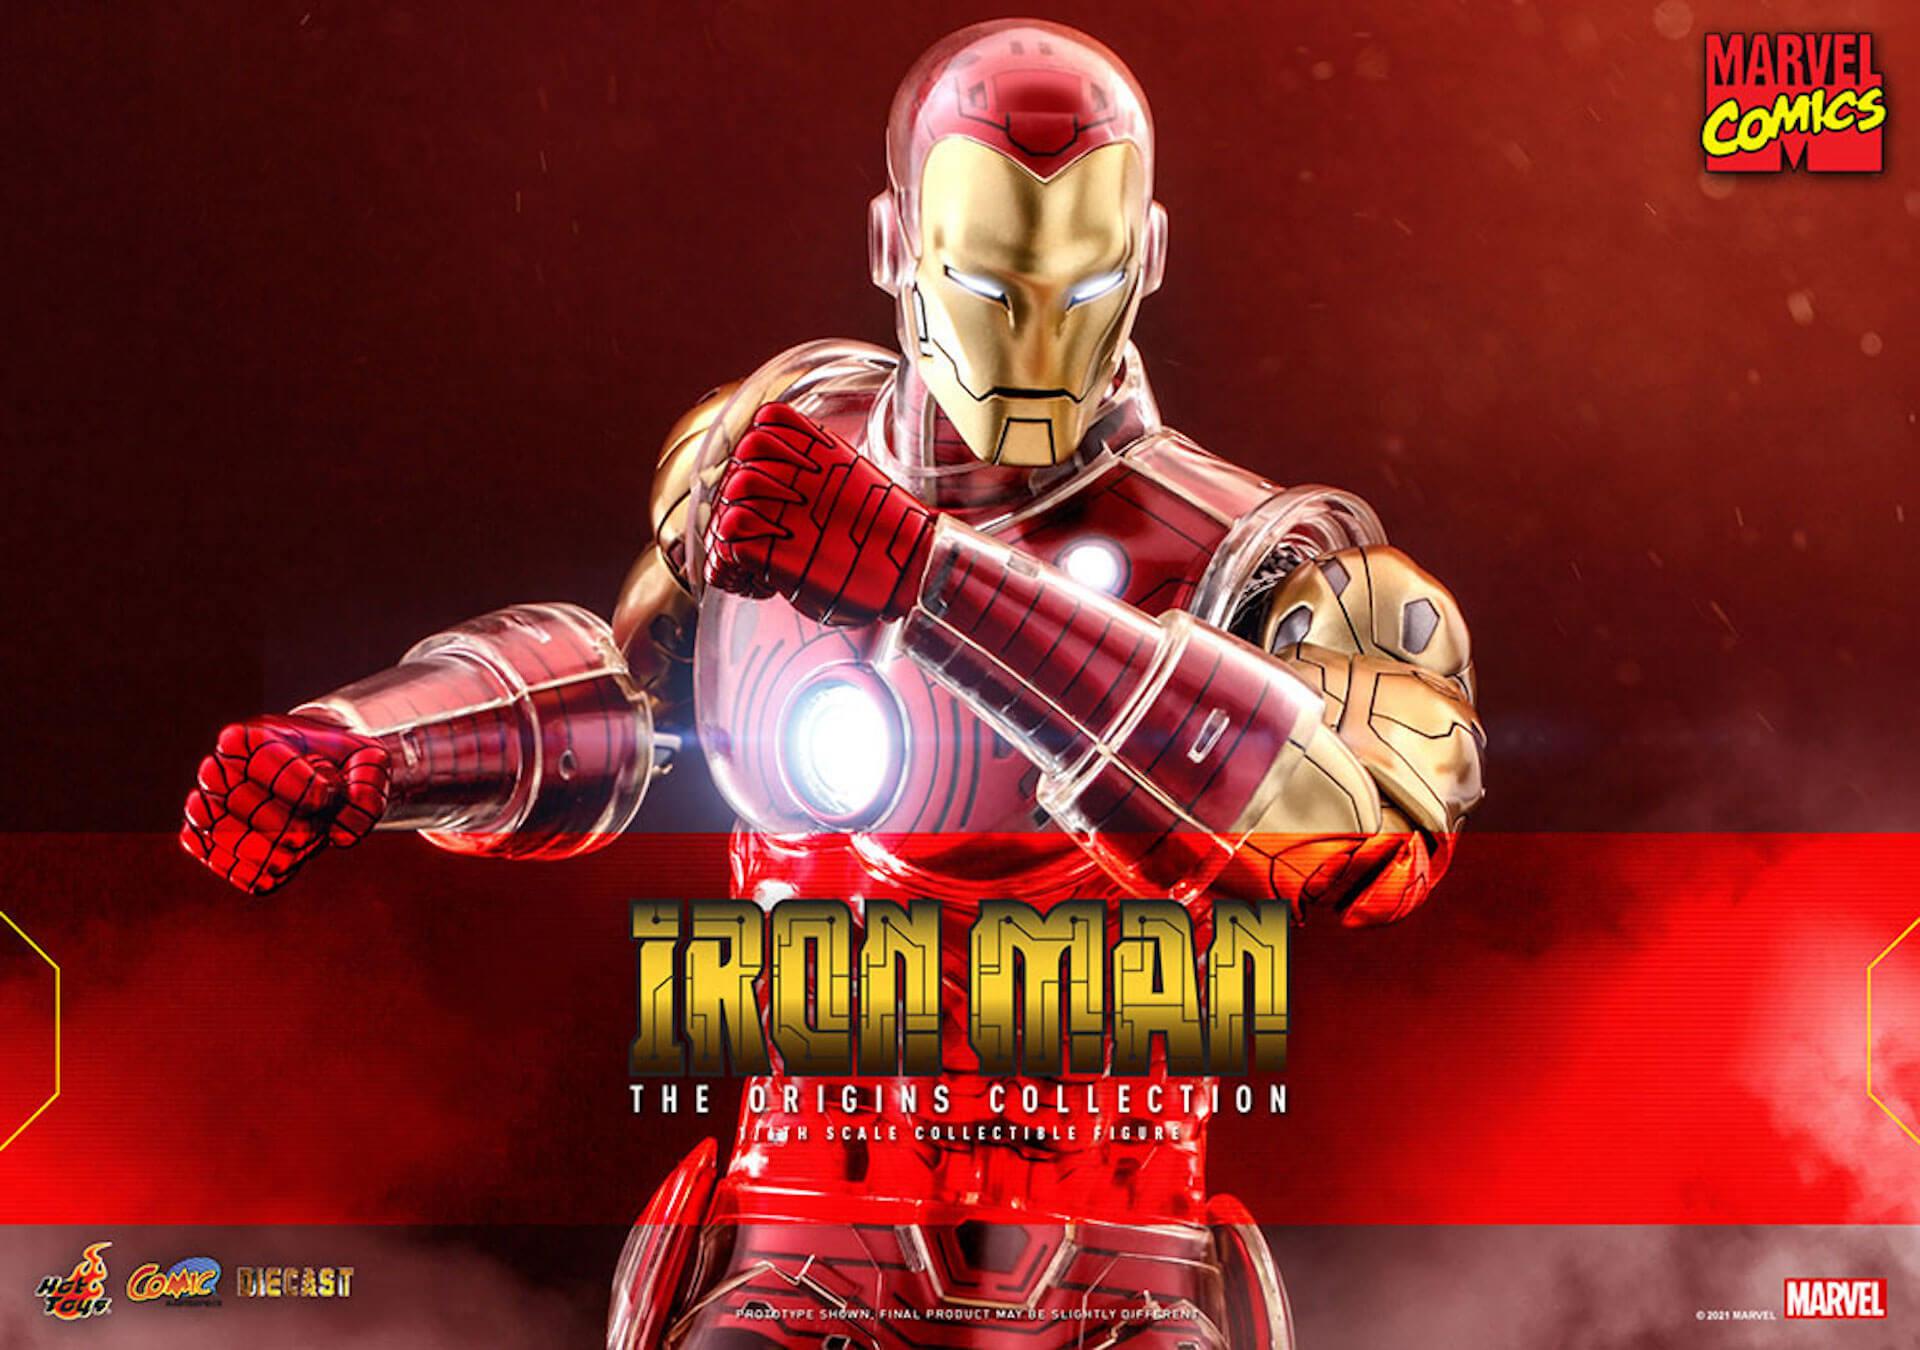 マーベルコミック版のアイアンマンをリアルに再現!ホットトイズ「コミック・マスターピース DIECAST」に登場 art210414_ironman_hottoys_1